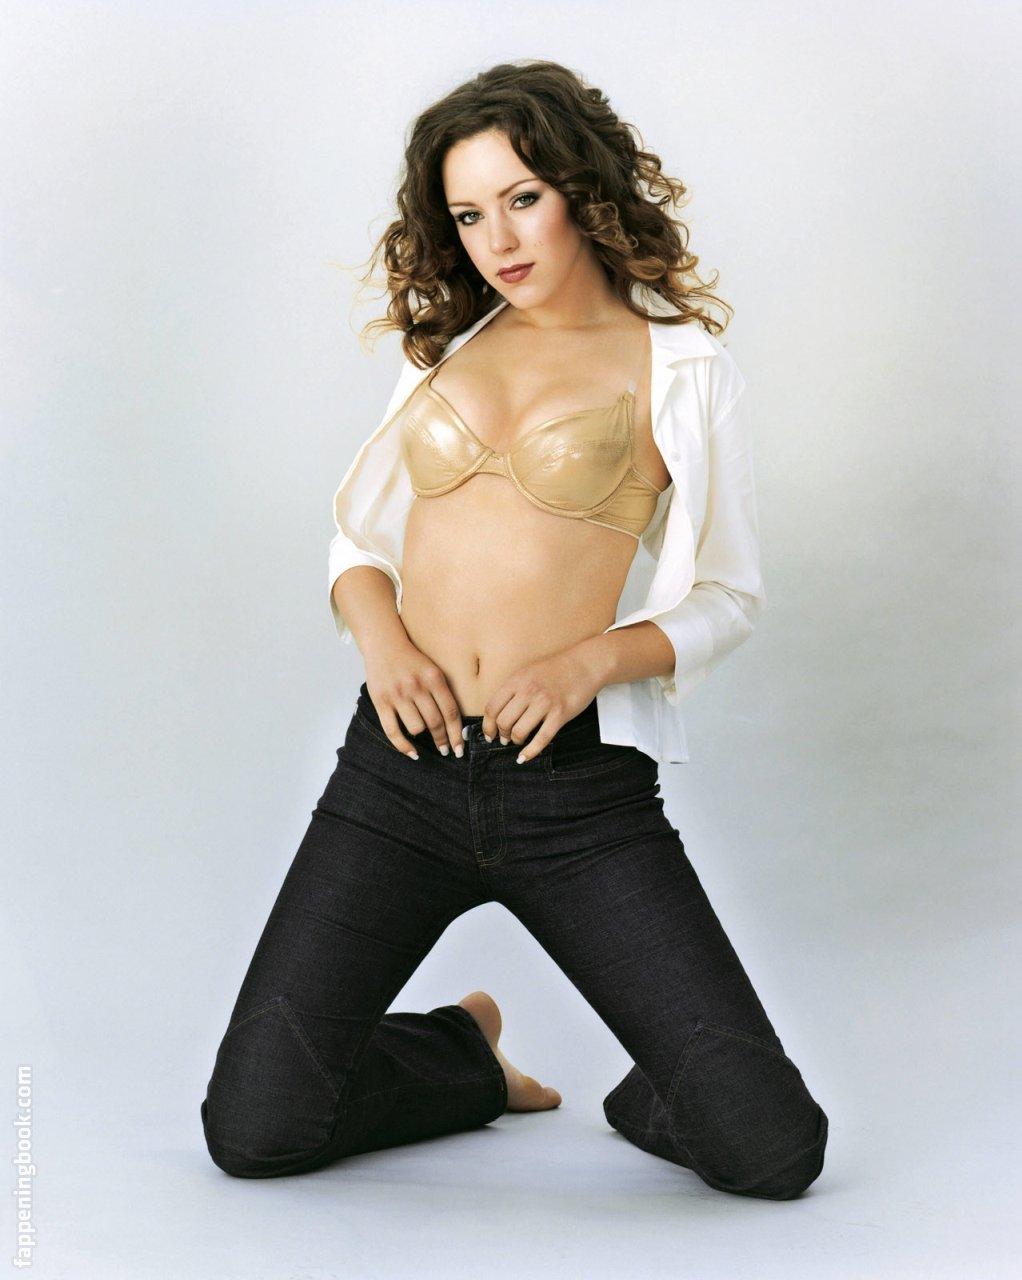 Wagner porn jasmin Jasmin Wagner